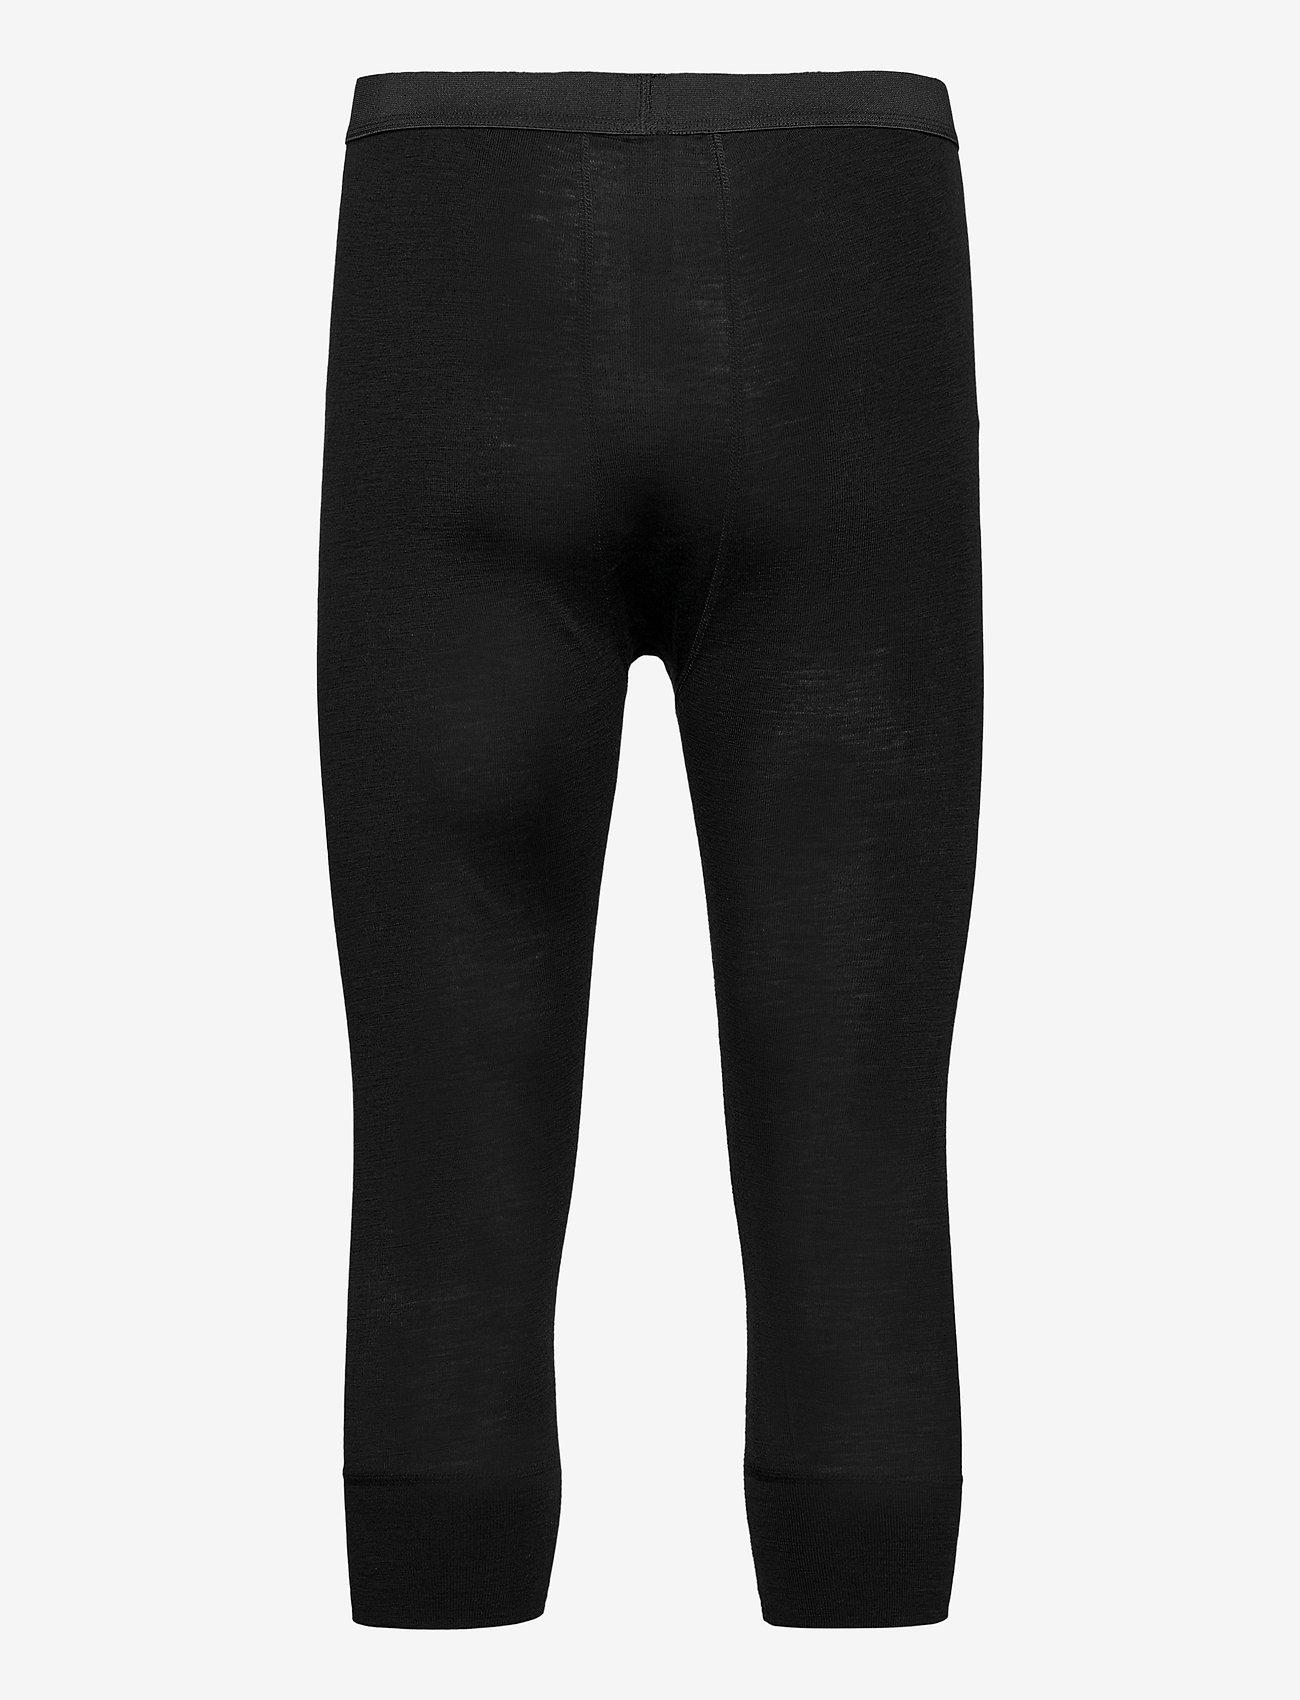 Dovre - Benklæde m/ 3/4 ben og gylp - base layer bottoms - svart - 1